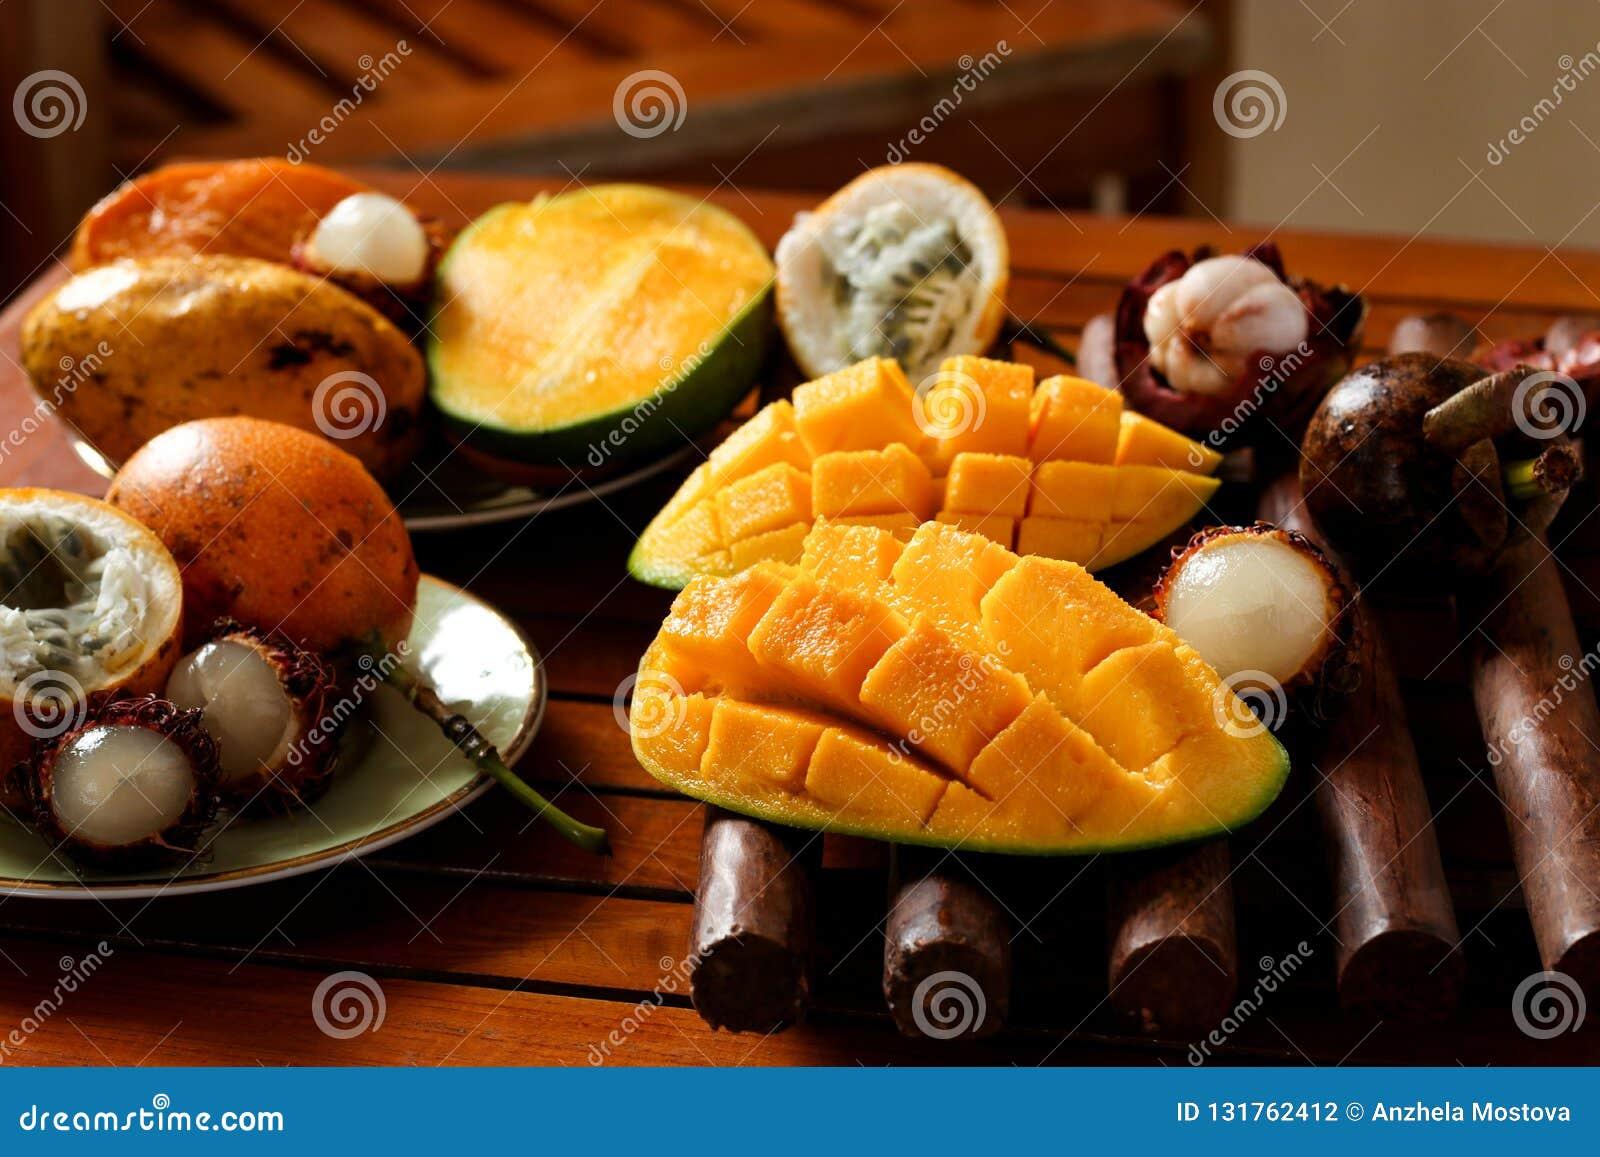 Tropikalne owoc: pasyjna owoc, bliźniarka, mangostan i mango,